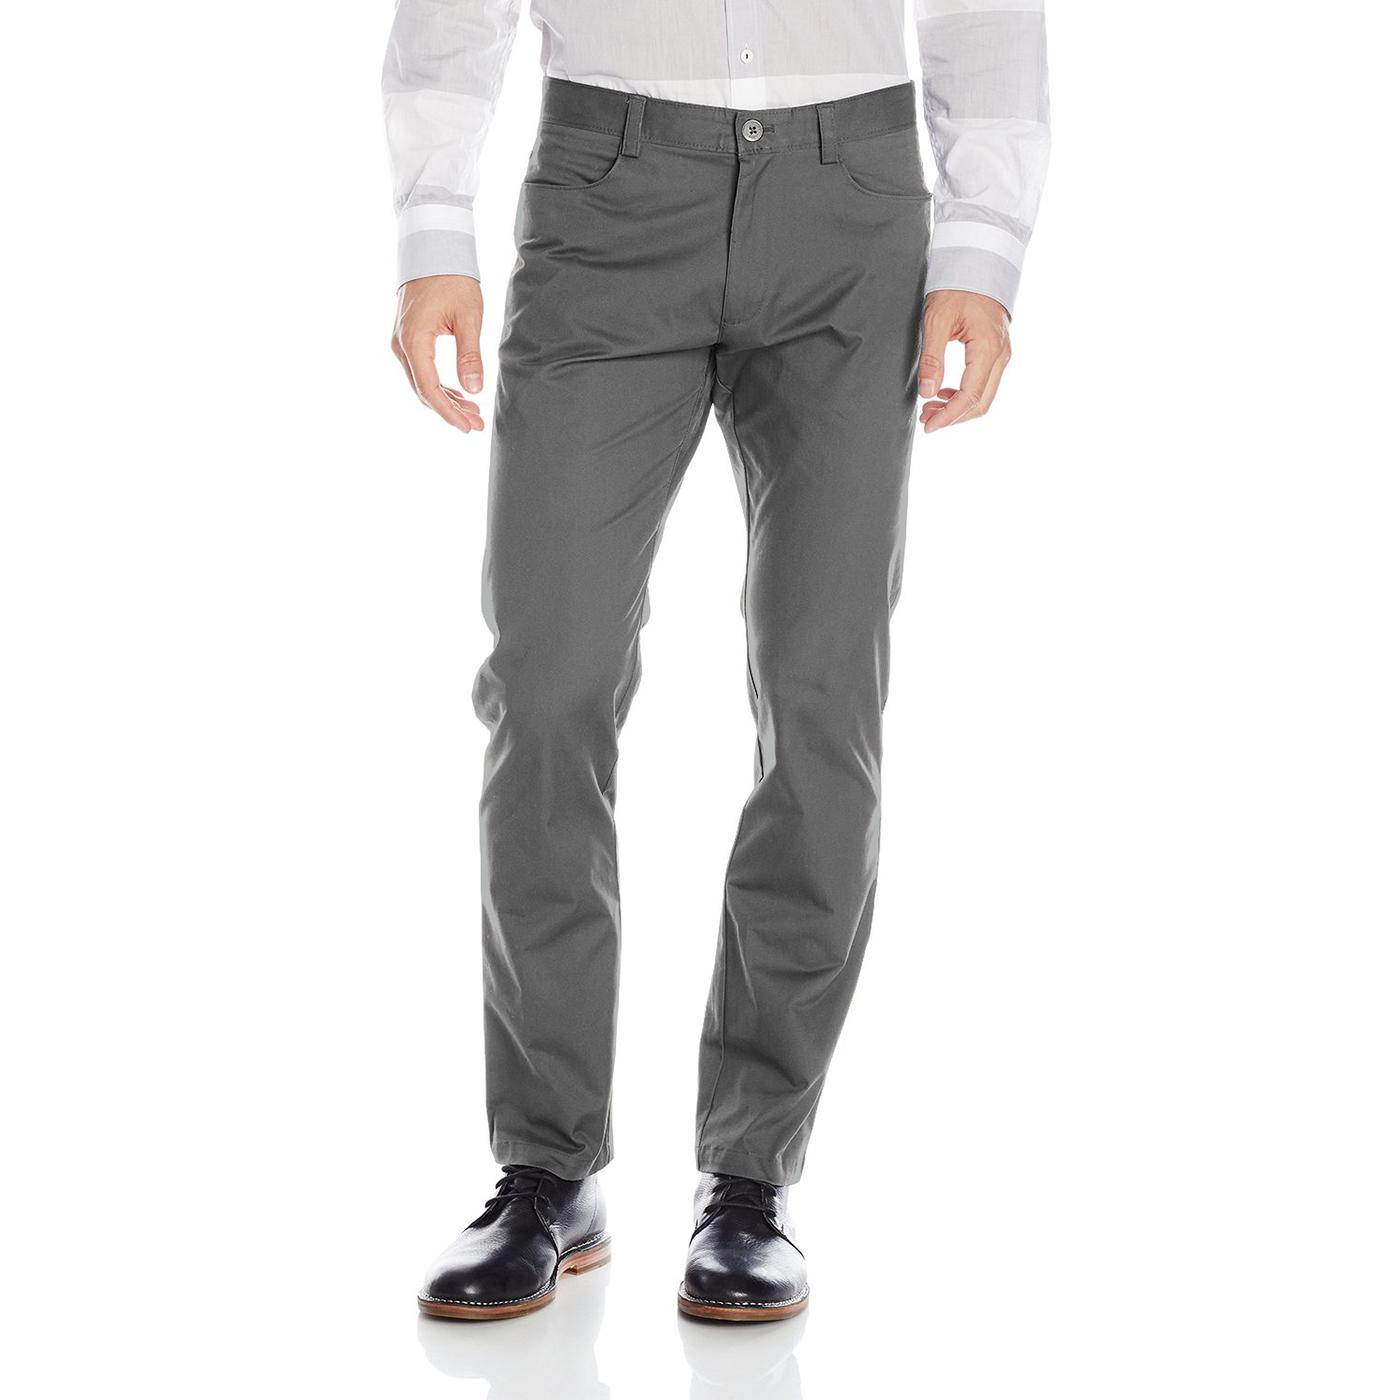 美國百分百【全新真品】Calvin Klein 休閒褲 CK 長褲 褲子 牛仔褲 合身 男 灰色 32腰 F655